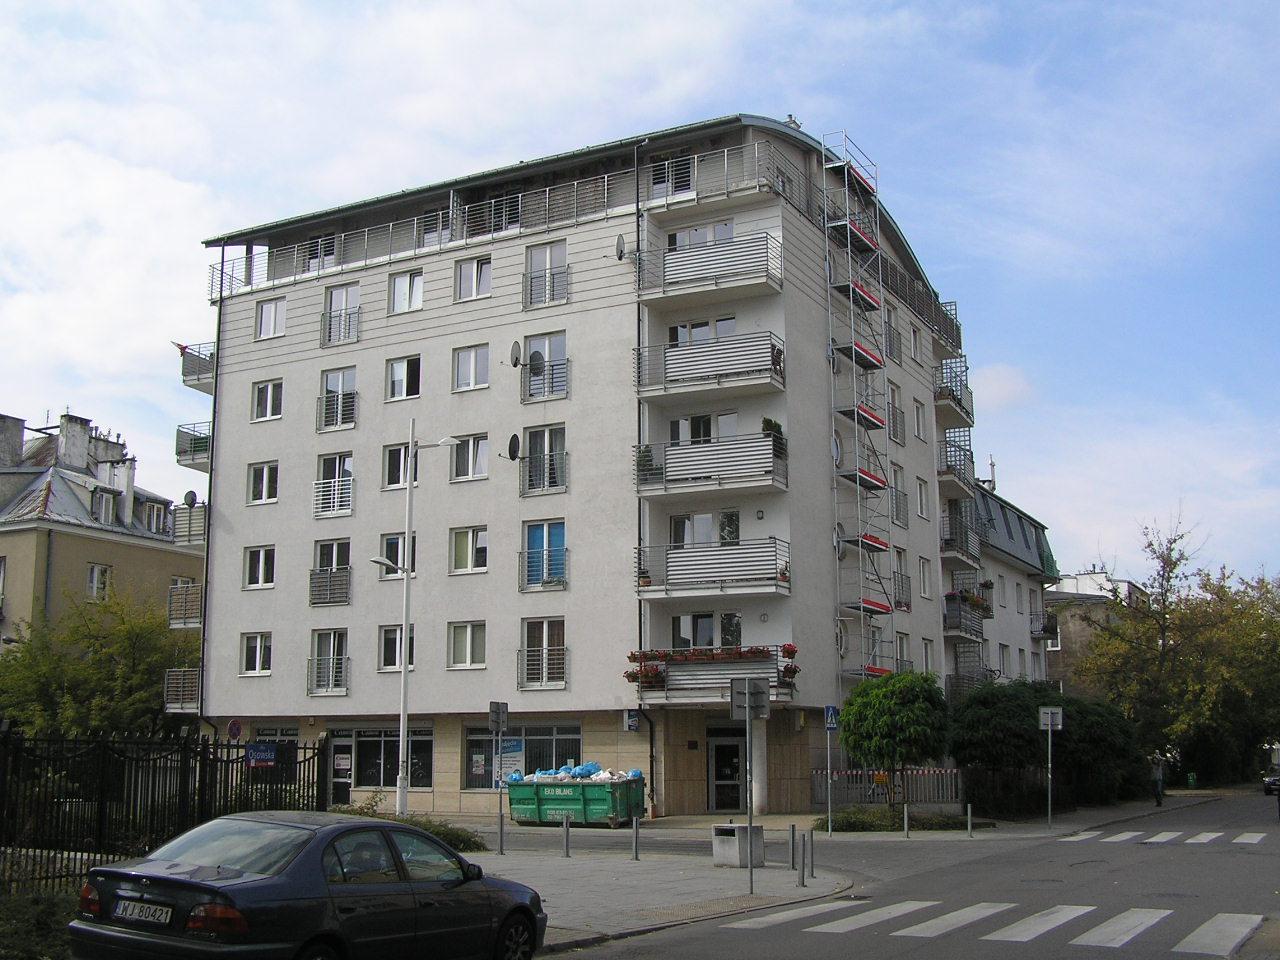 Budynek przy ulicy Osowskiej 45 na Grochowie